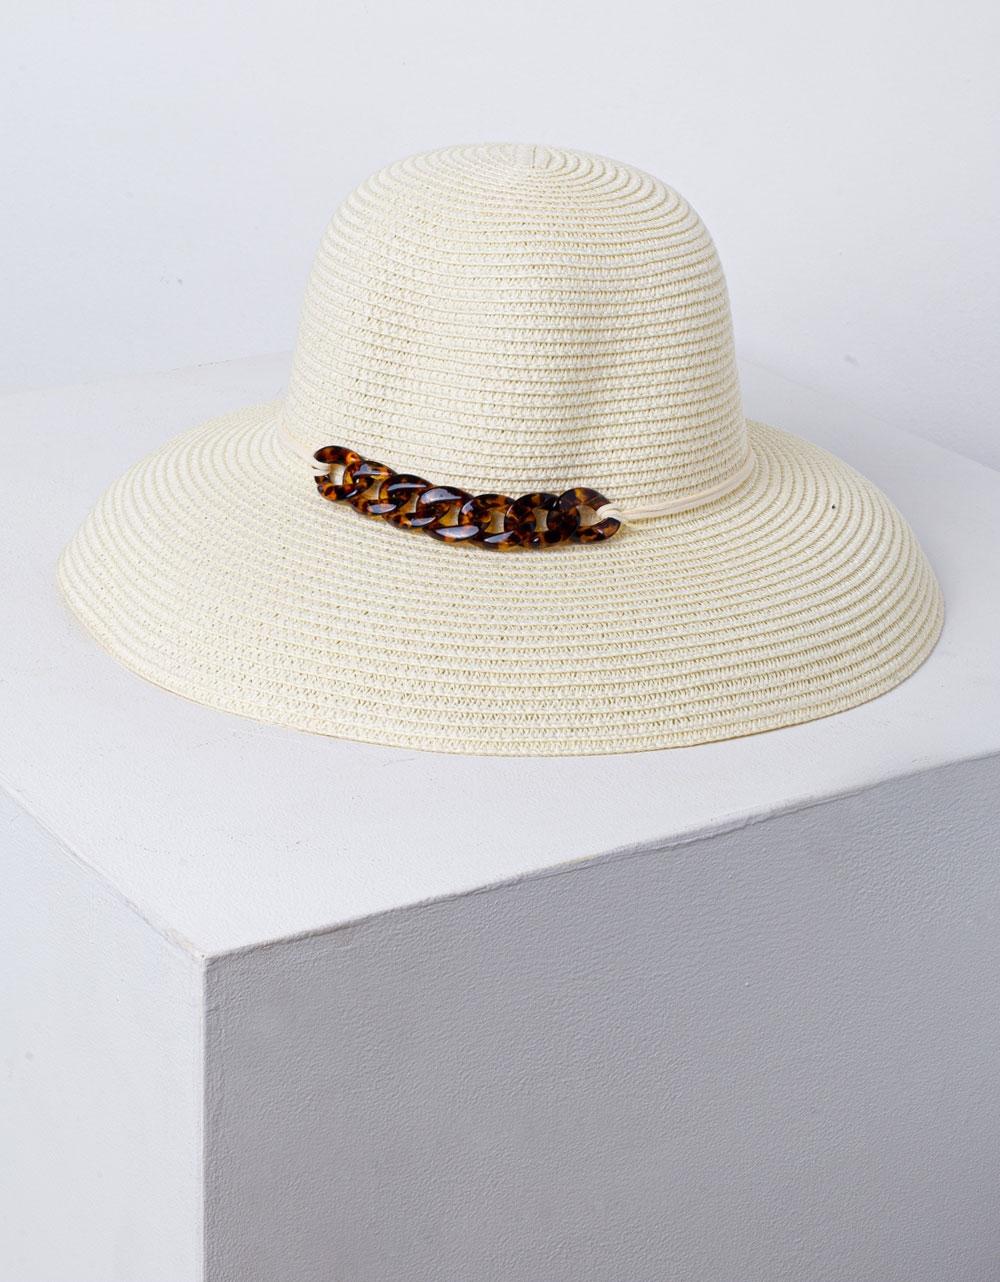 Εικόνα από Γυναικείο καπέλο ψάθινο με διακοσμητικούς κρίκους Μπεζ